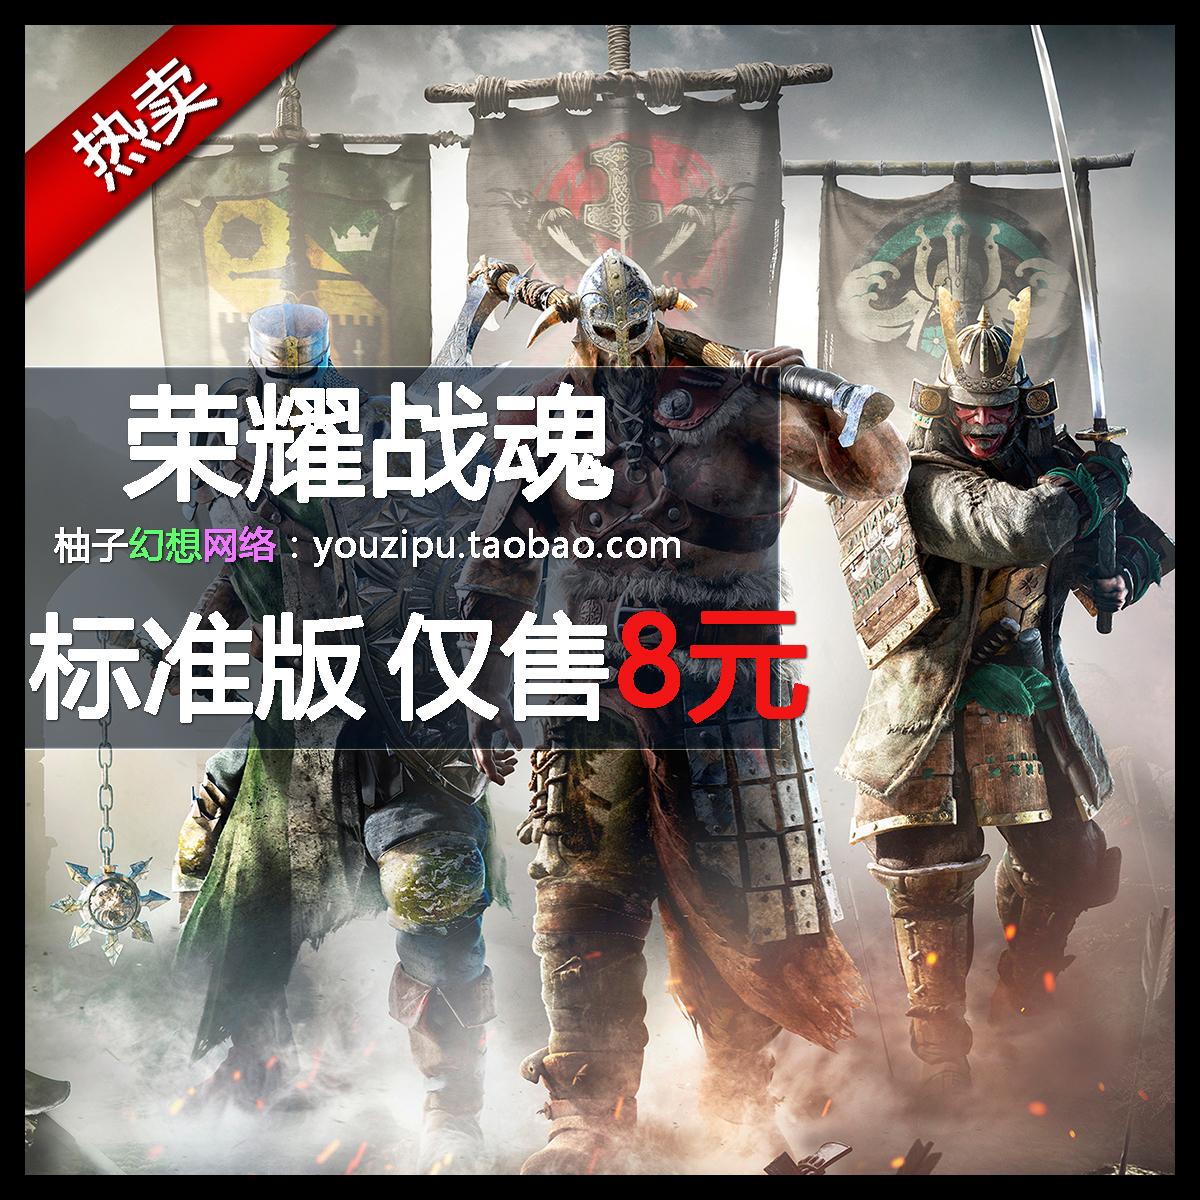 荣耀战魂For honor PC uplay版 账号 内附送游戏 超值 季票 永久